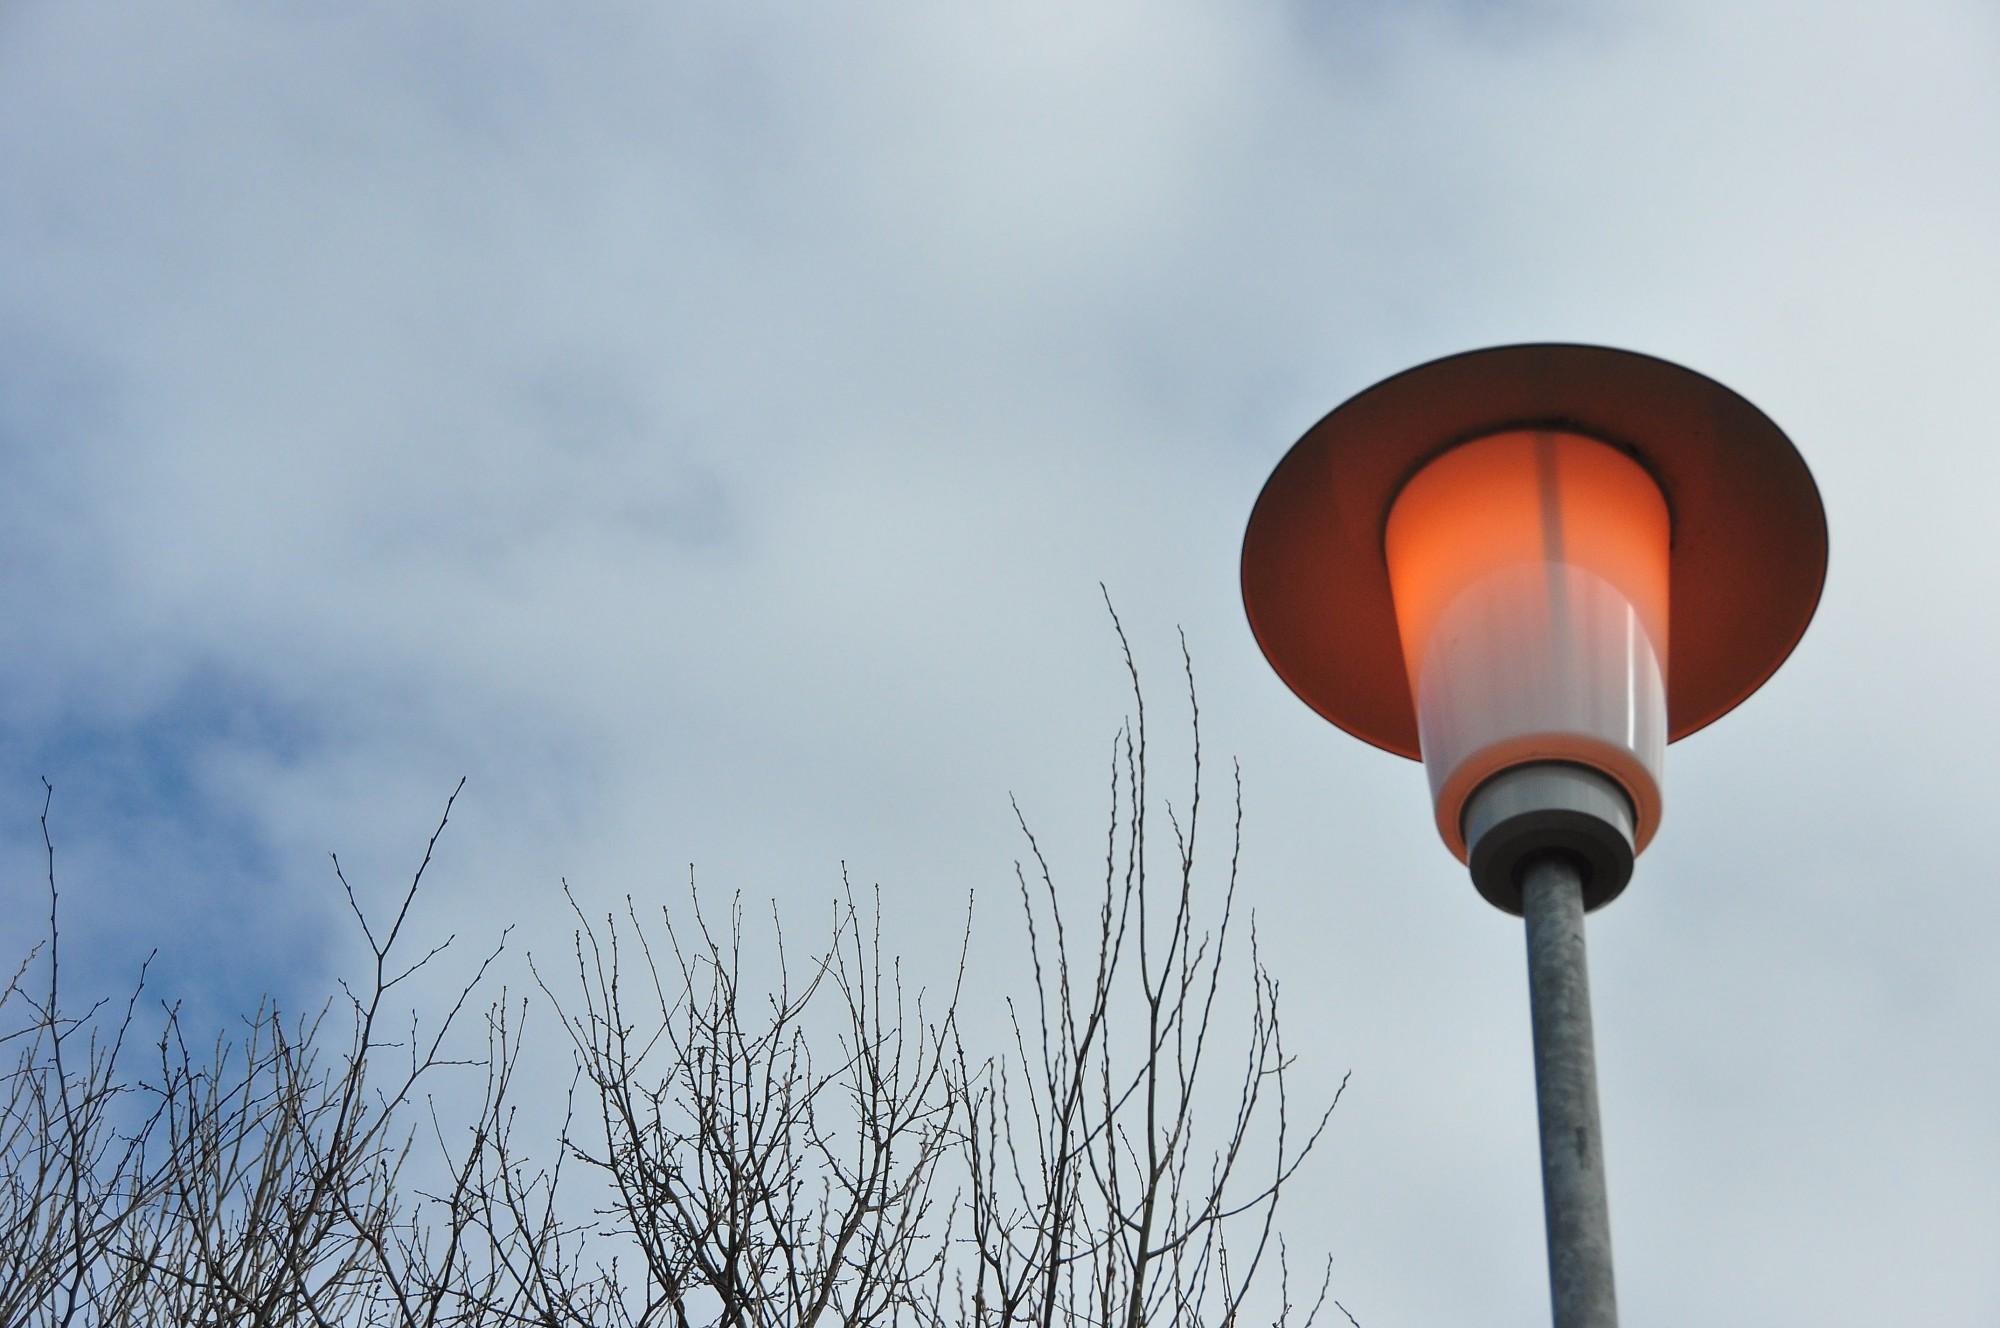 Pašvaldība vēlas modernizēt Jaunliepājas gaismekļus